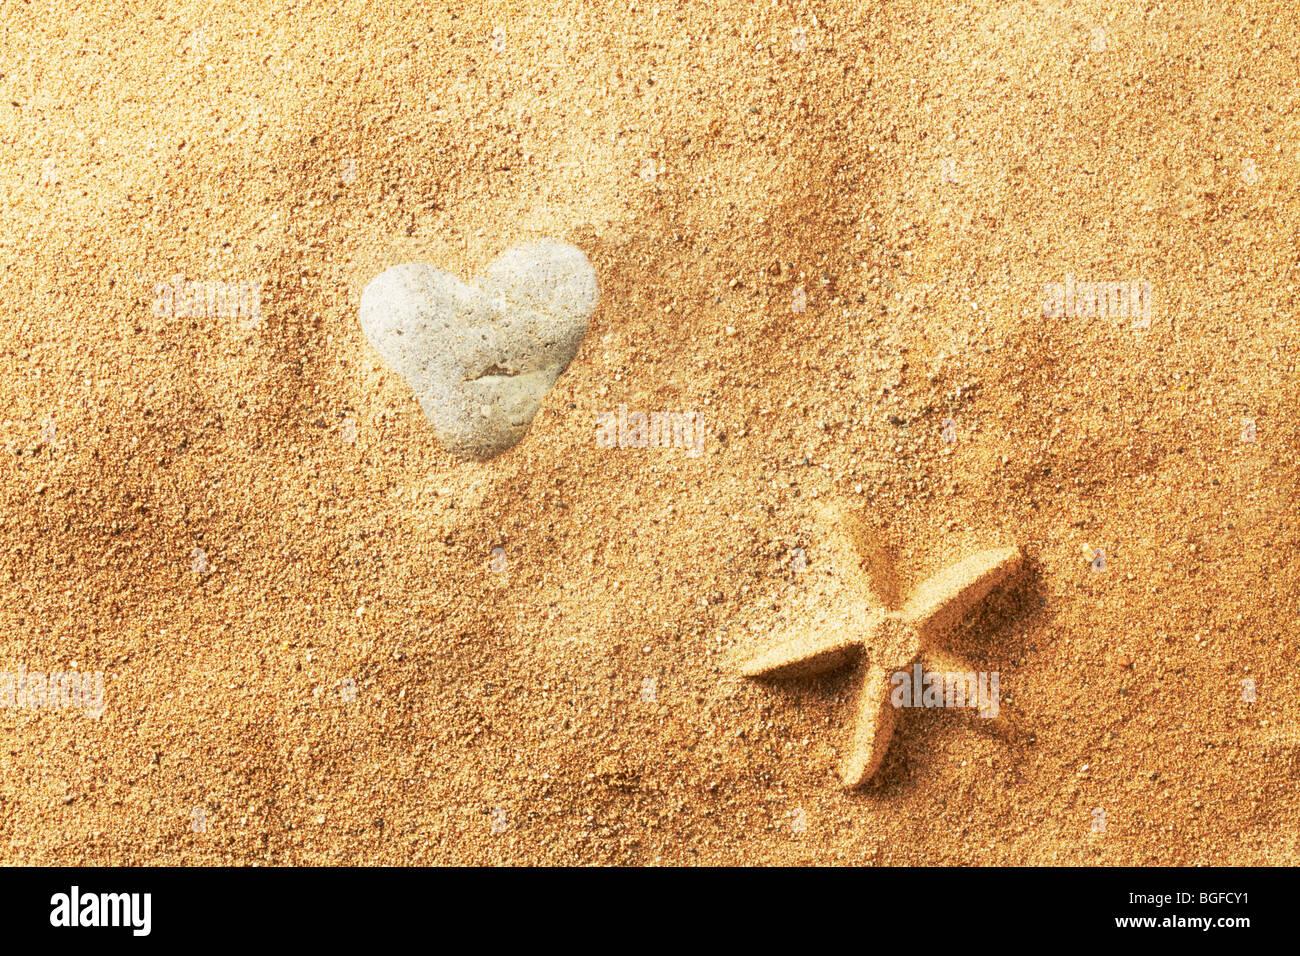 Pierre en forme de coeur dans le sable Photo Stock